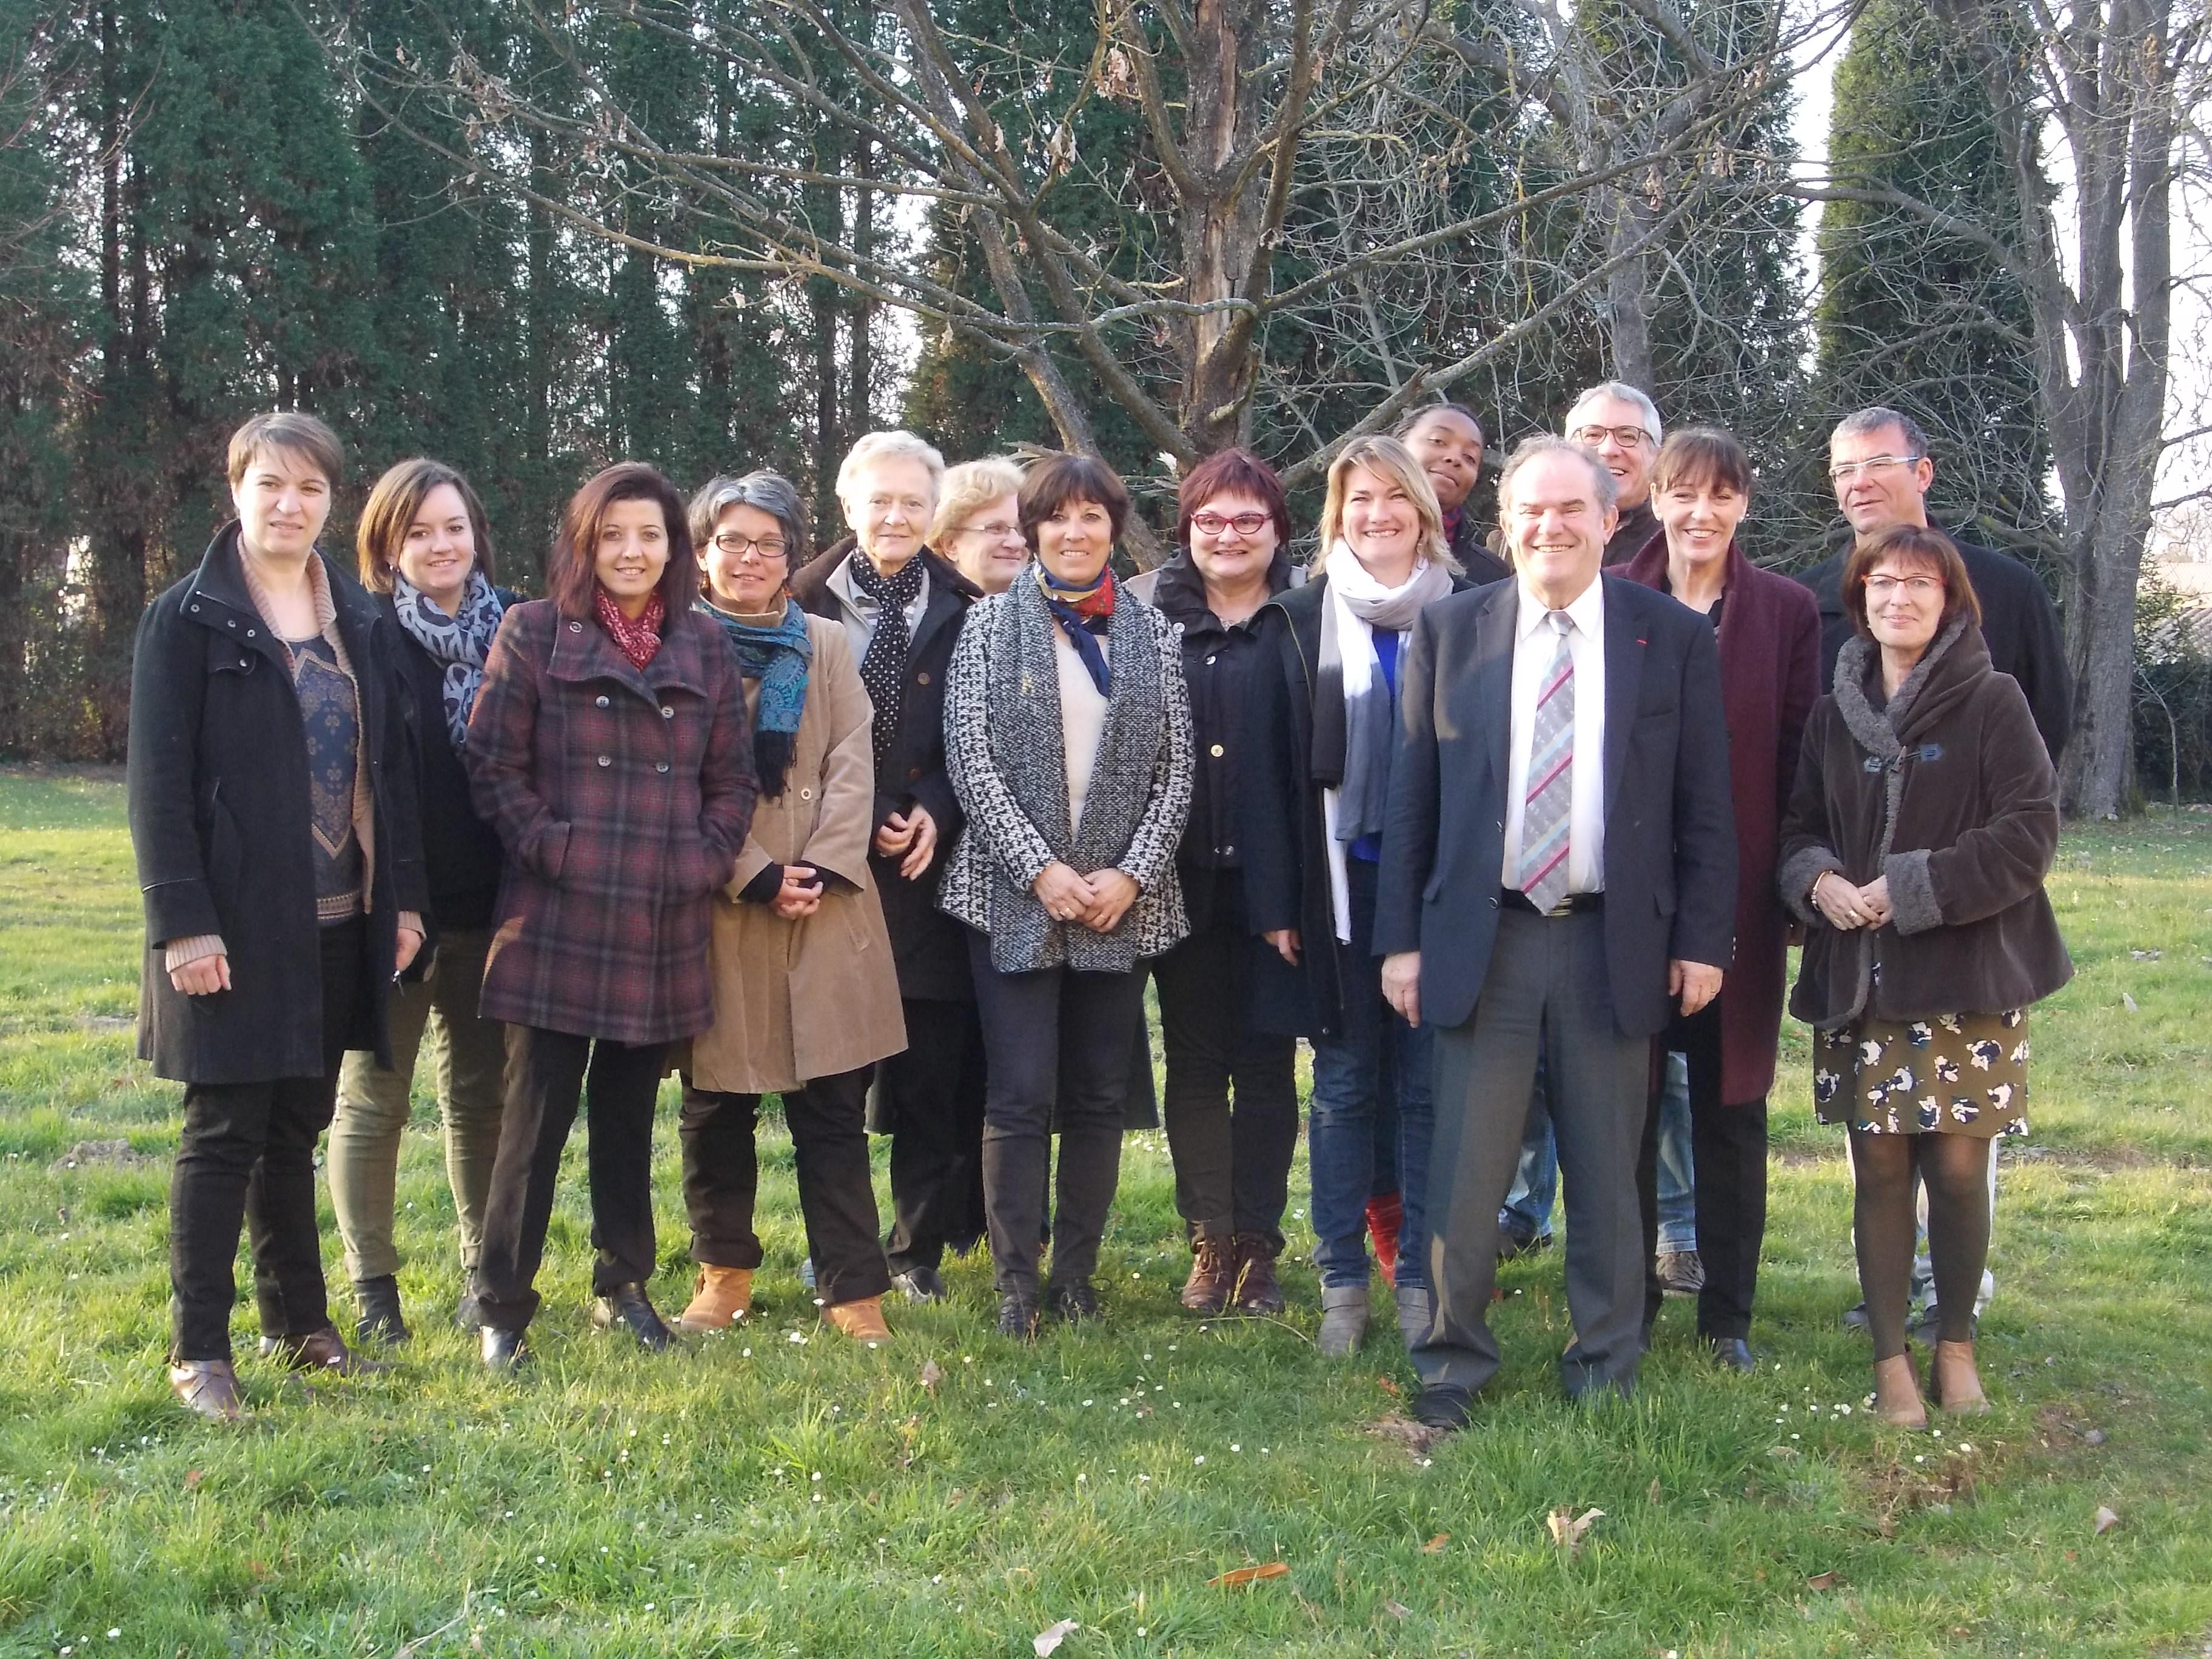 le réseau LIS France tient son AG les 14-15 mars 2016 à Bordeaux